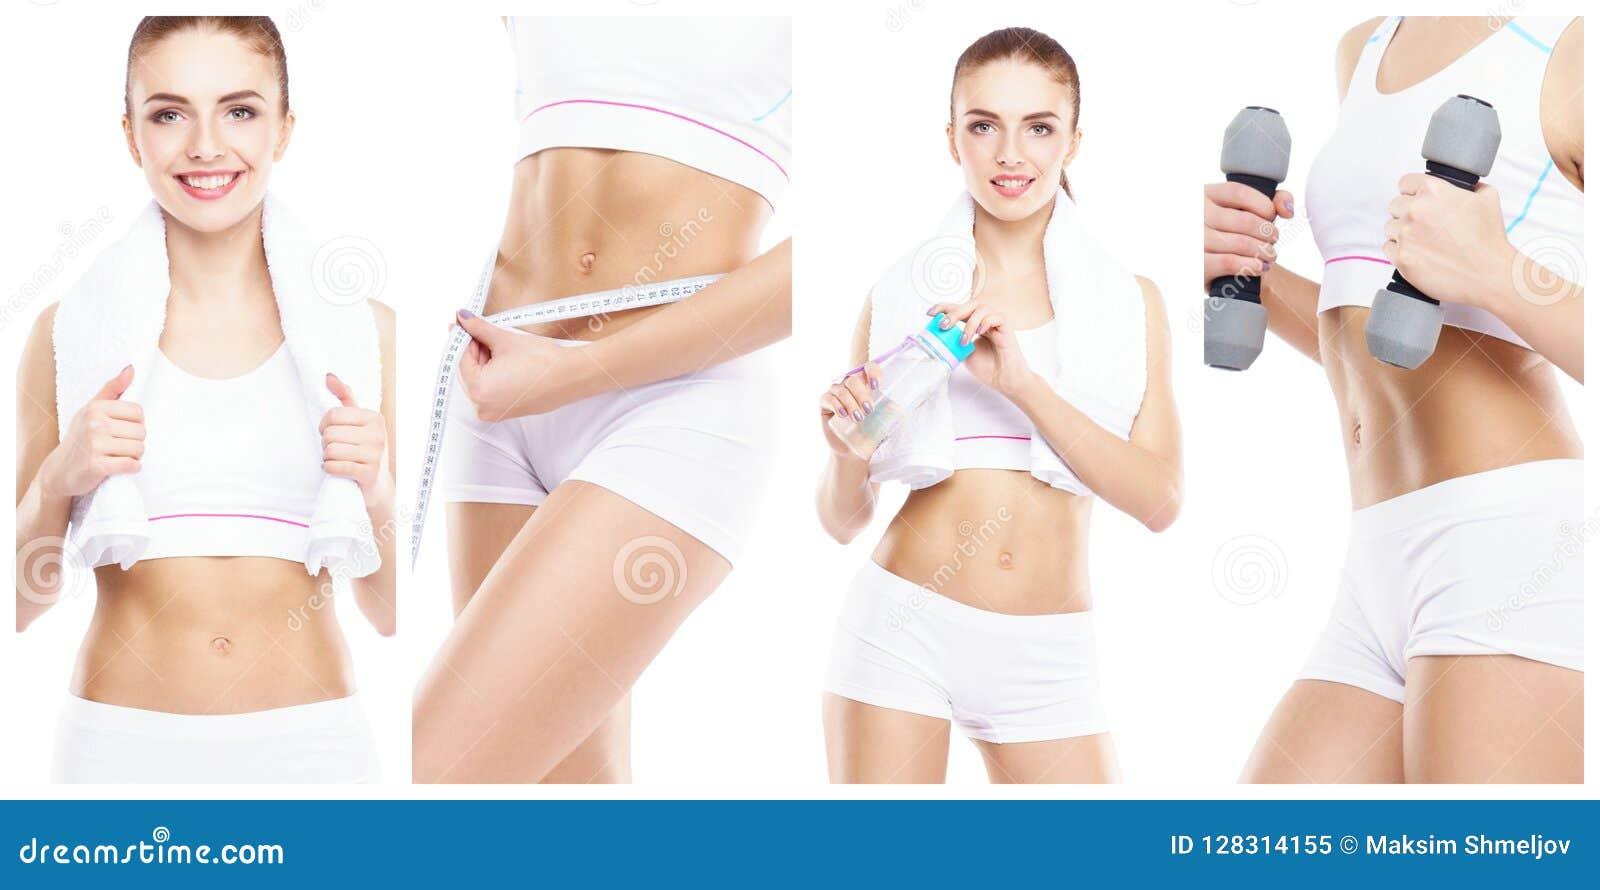 Όμορφη και κατάλληλη γυναίκα σε μια ικανότητα workout Απομονωμένο κολάζ Έννοια απώλειας αθλητισμού, διατροφής, υγείας και βάρους